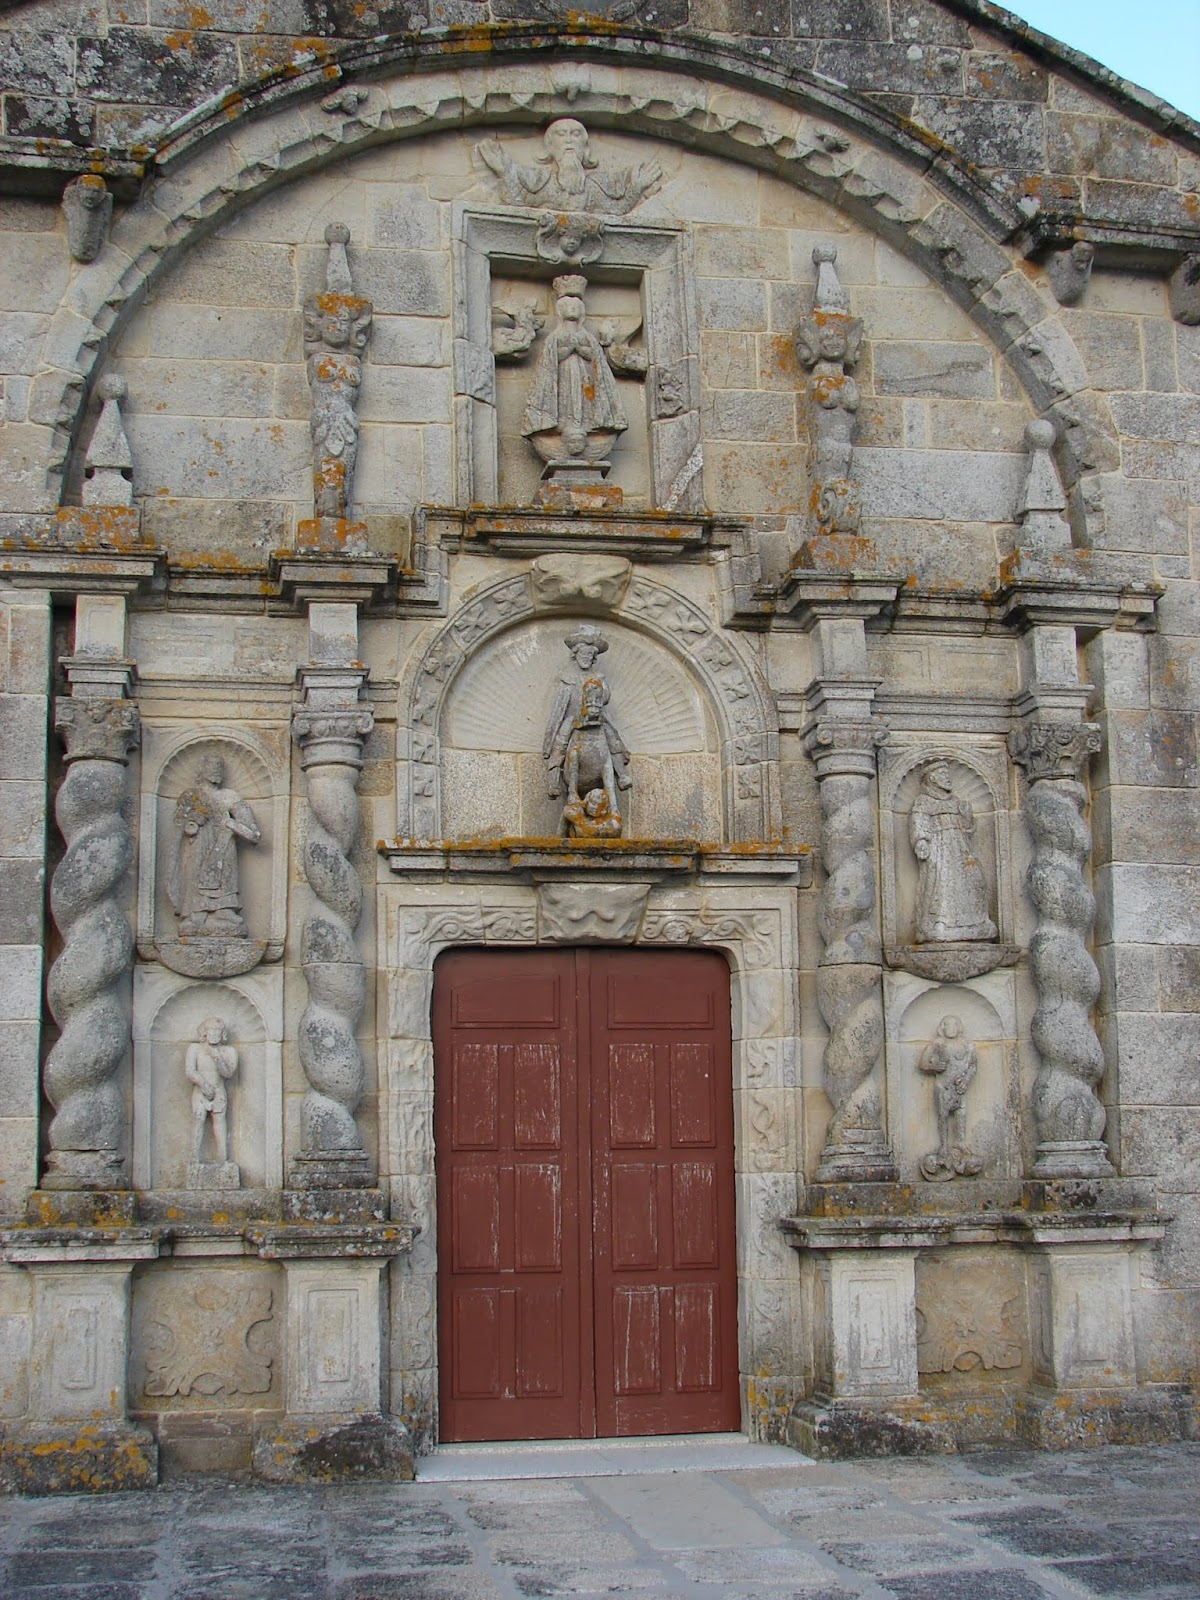 Fachada-retablo da igrexa de Traba (1716), coas imaxes do Padre Eterno e da Inmaculada (no ático); Santiago cabaleiro (centro) e, ós lados,  san Pedro e san Francisco, Adán e Eva [foto X.Mª Lema]